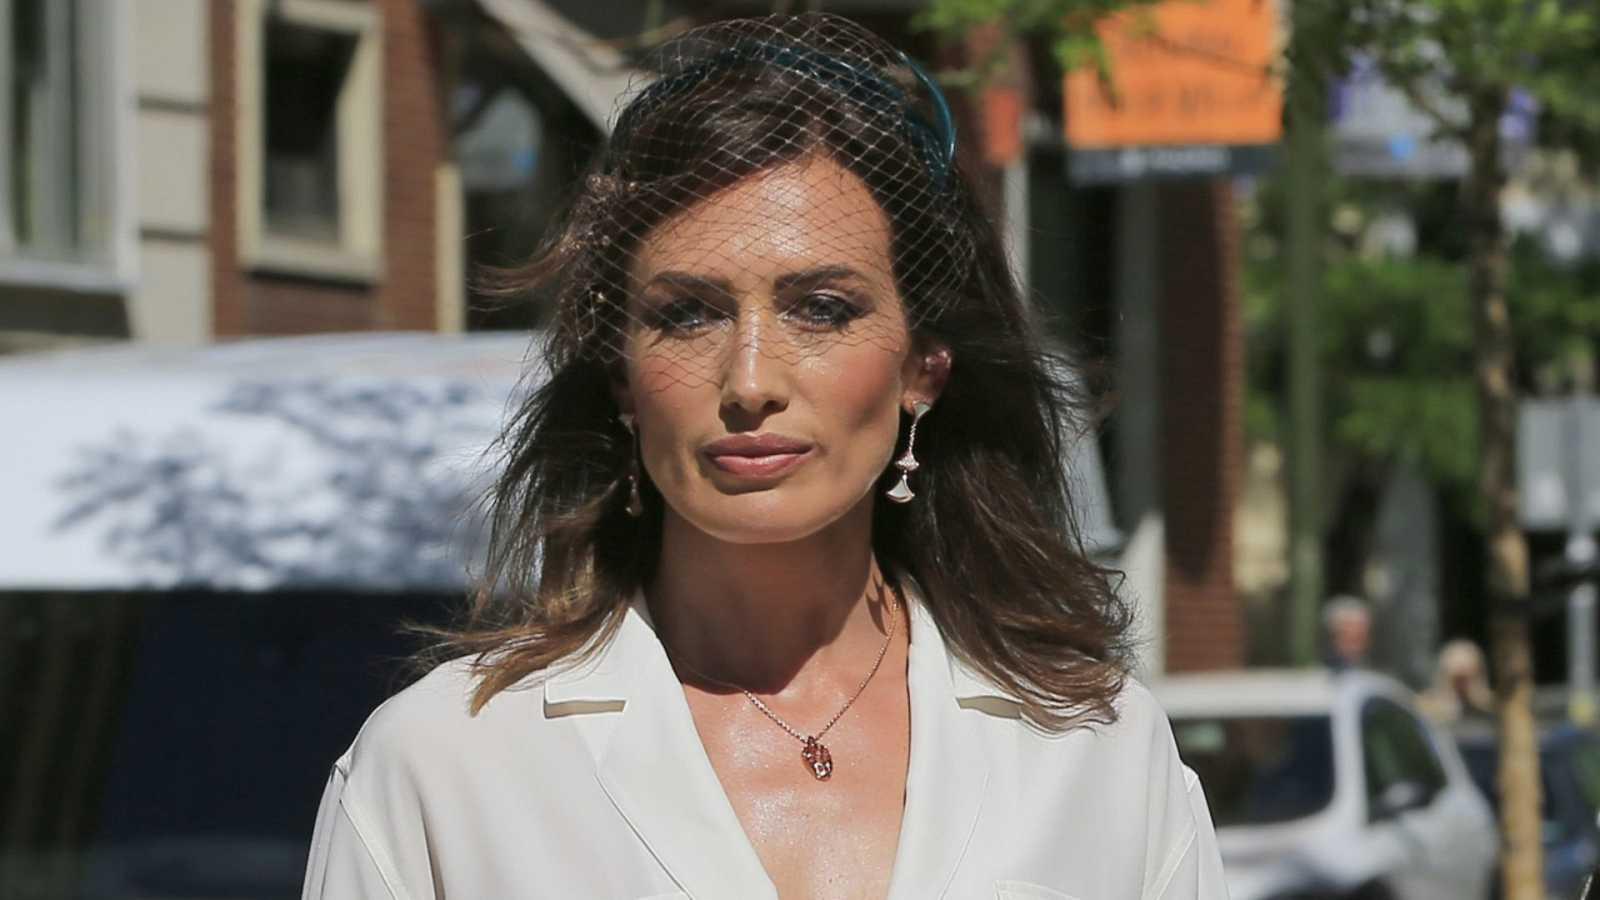 Nieves Álvarez, siempre elegante le dio a su look un toque personal con un discreto tocado el día de la comunión de su hija